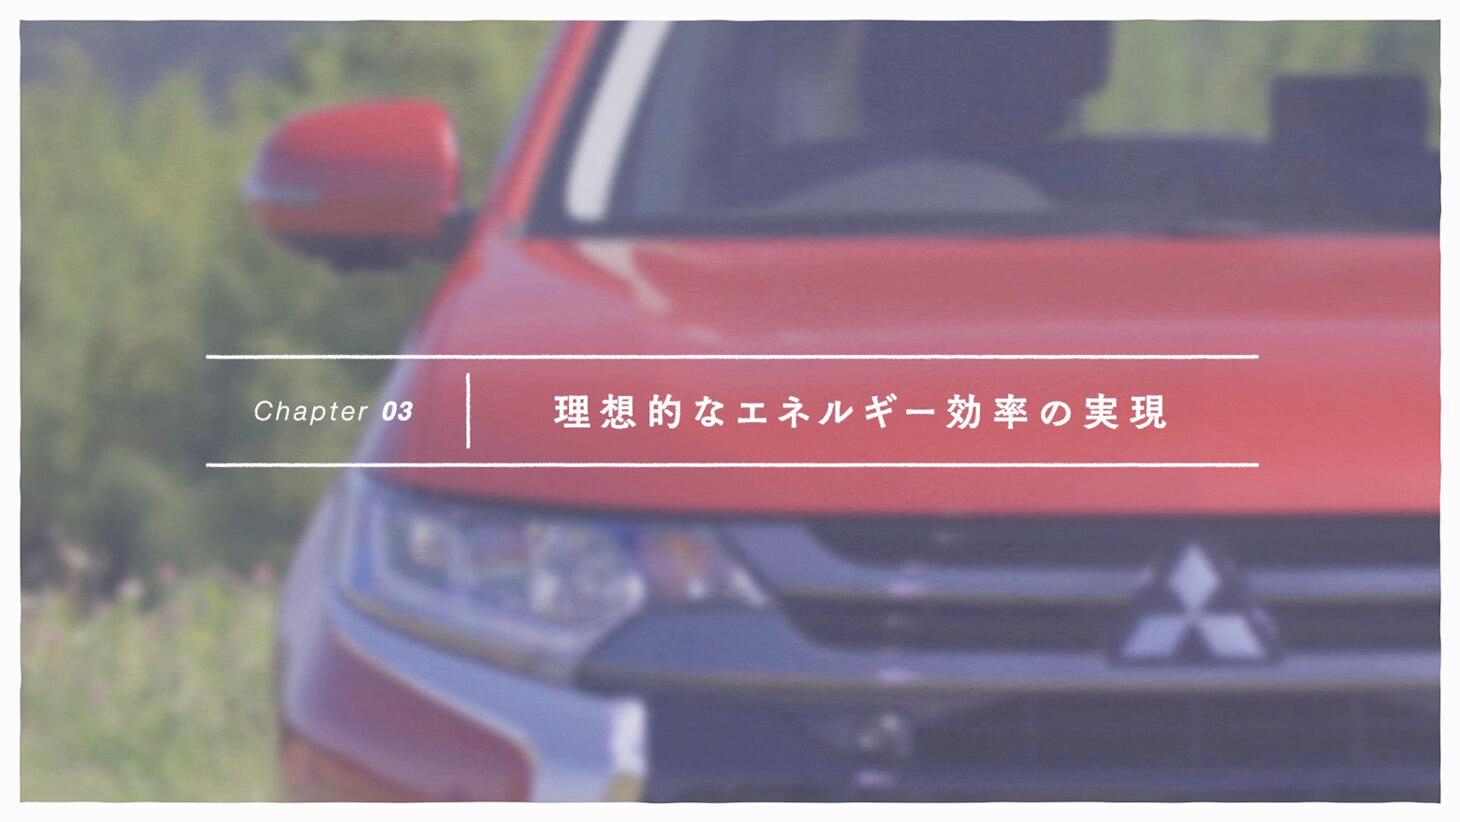 uki jp / Mitsubishi Motors Corporation –